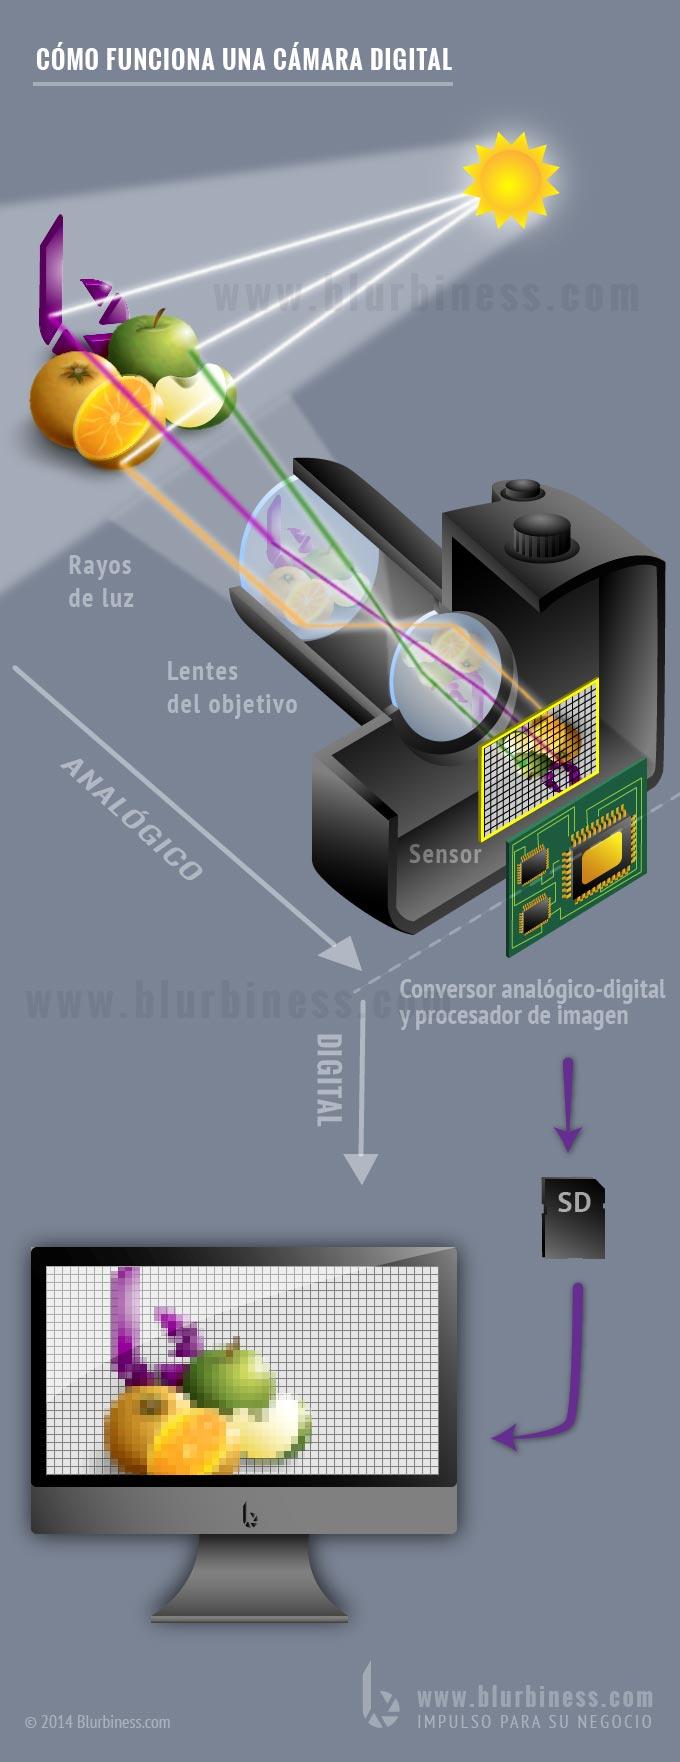 Cómo funciona una cámara digital